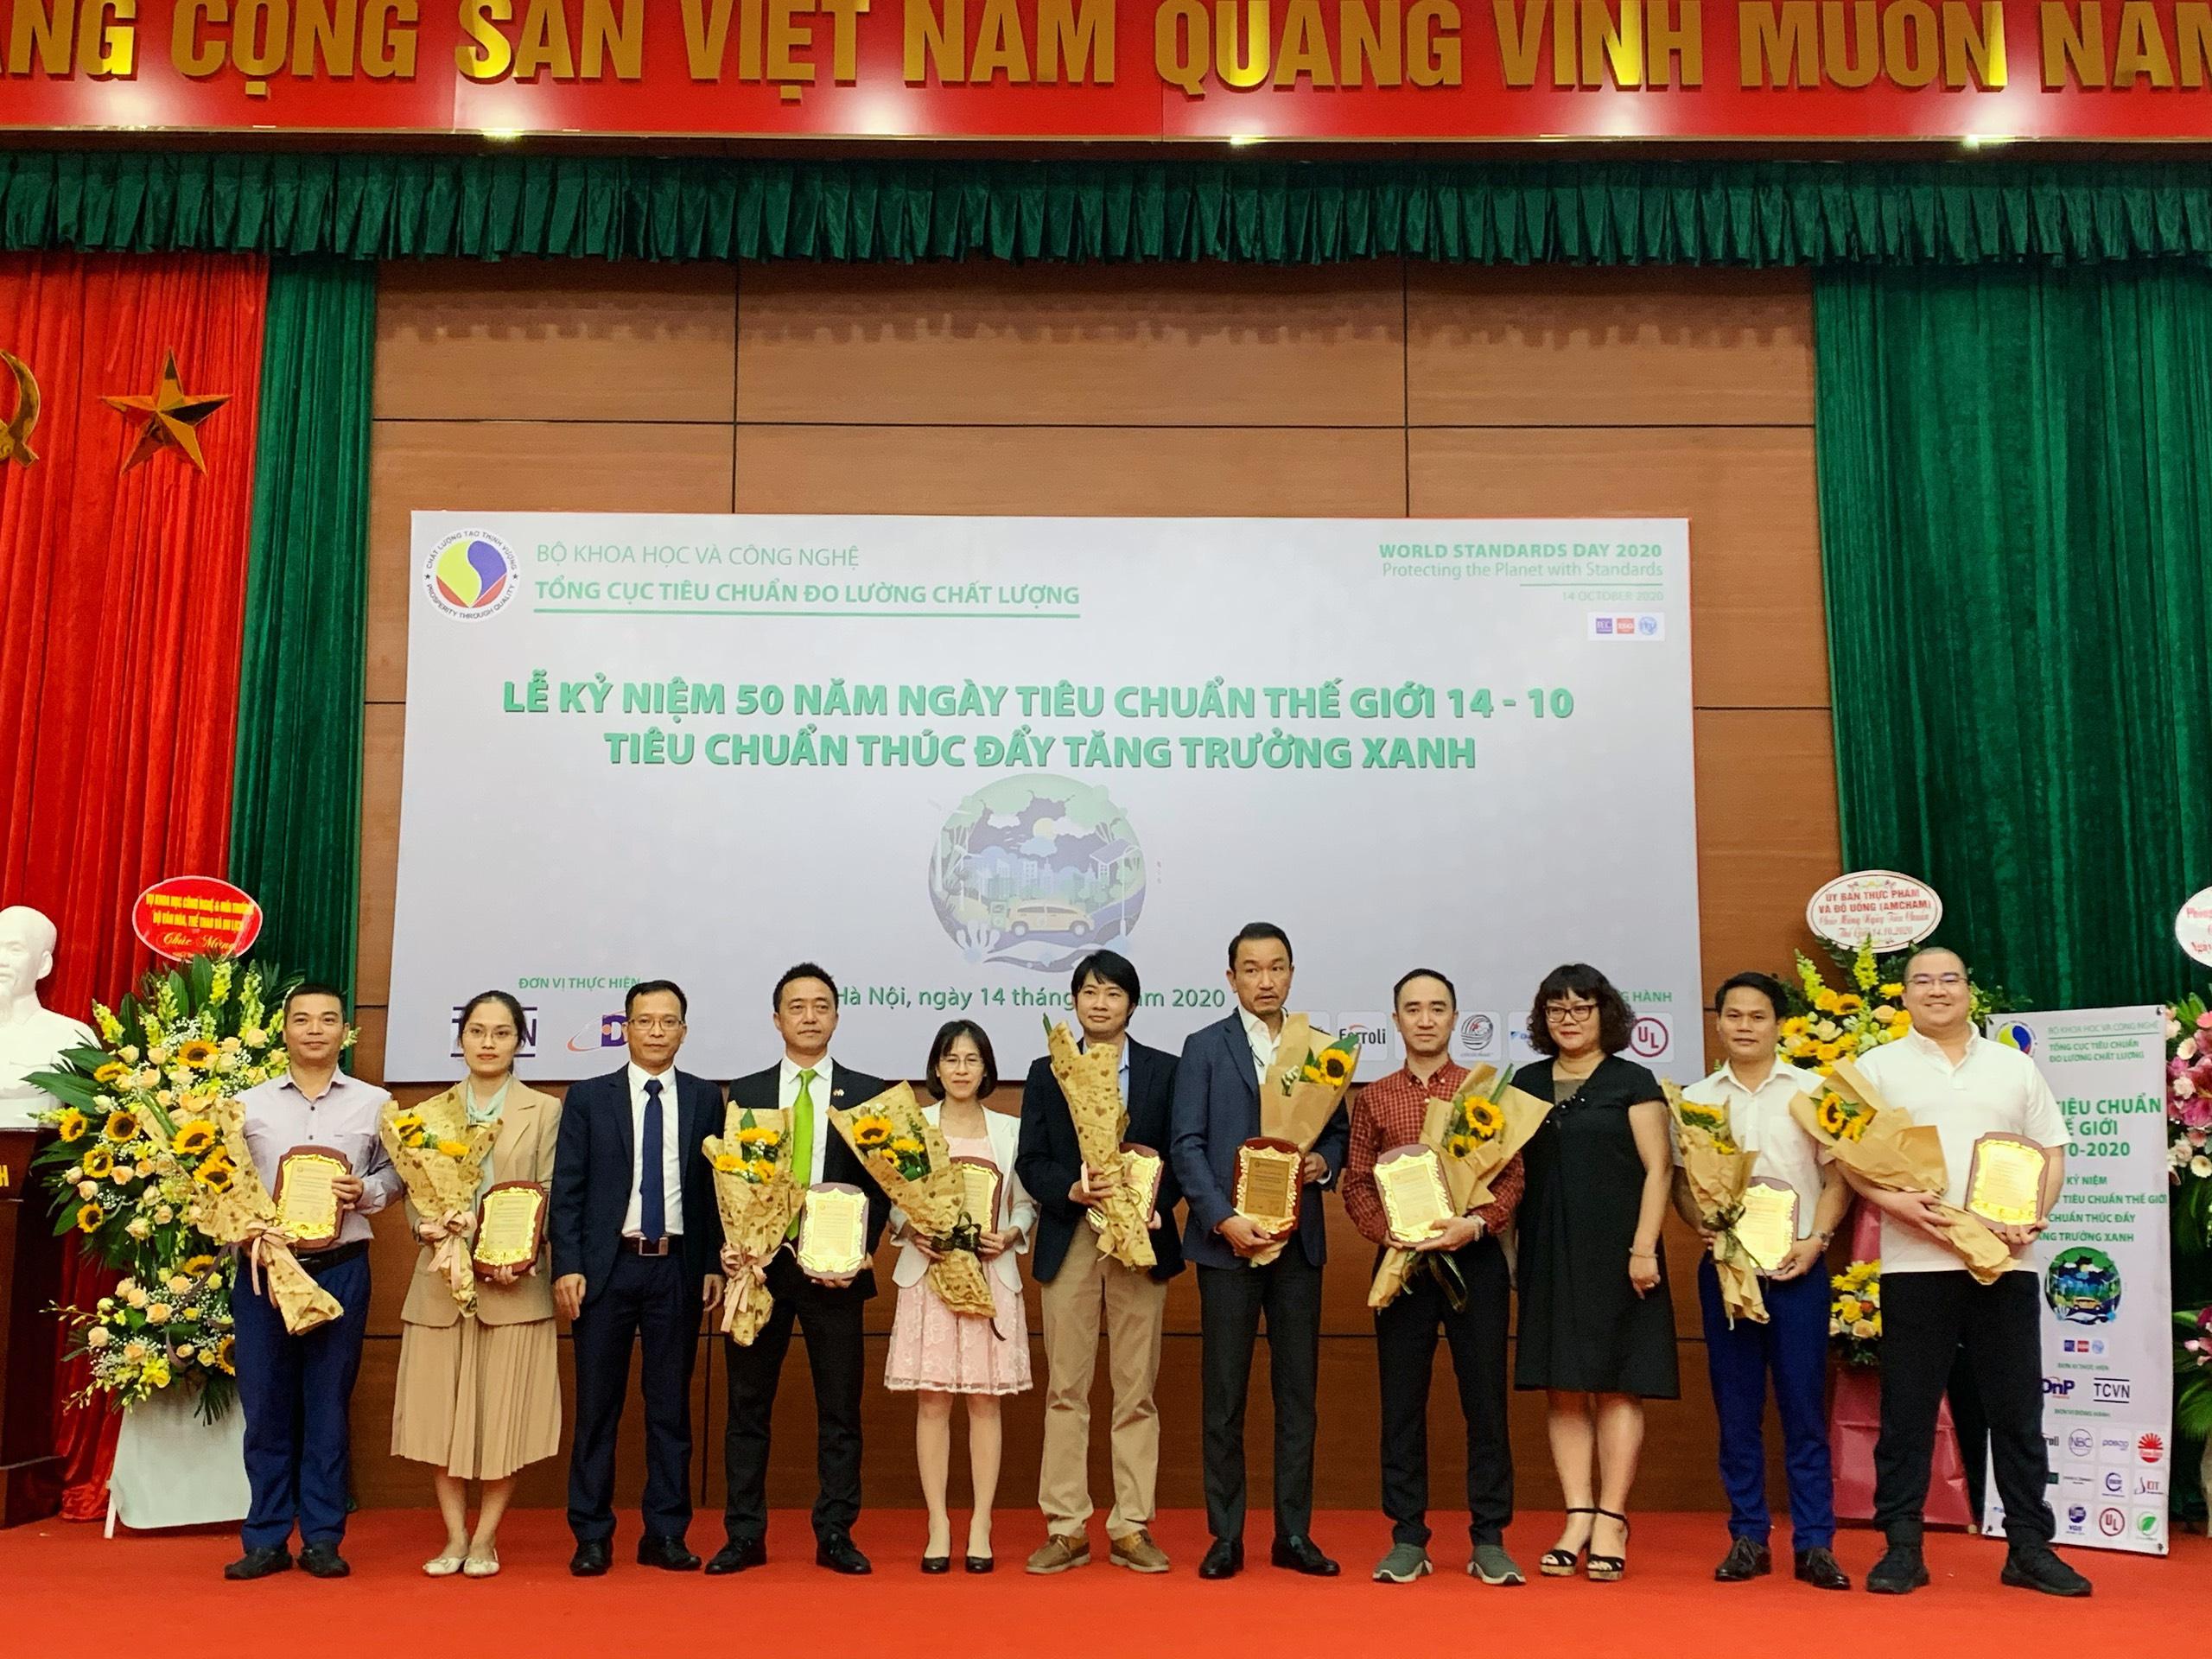 Lễ vinh danh các Tổ chức đồng hành cùng Viện Tiêu chuẩn chất lượng Việt Nam